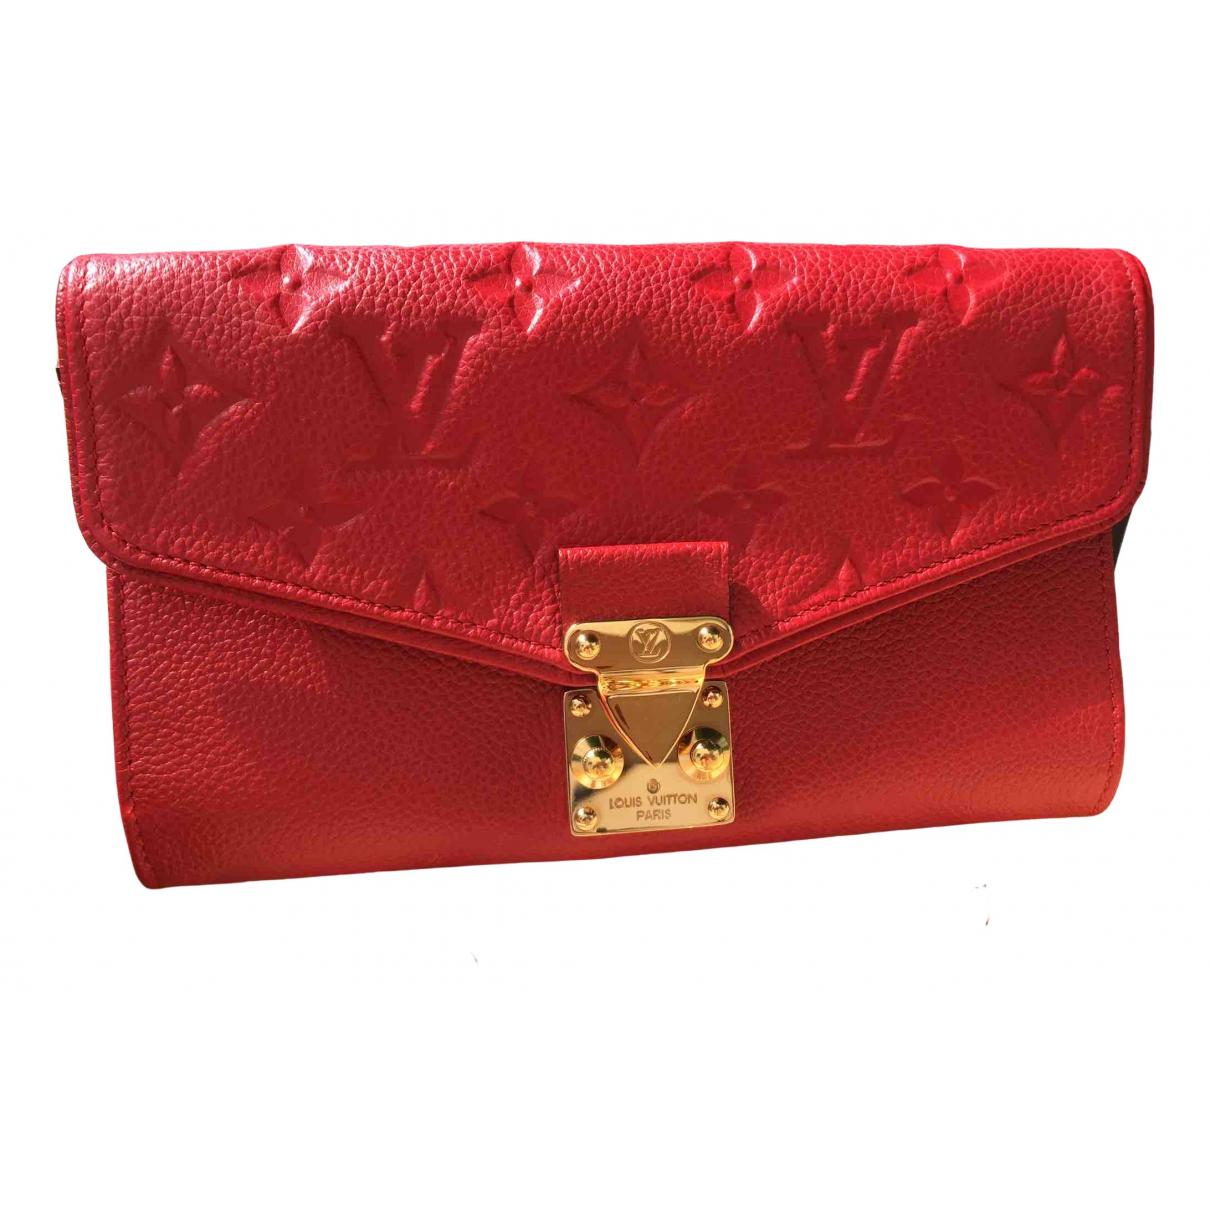 Louis Vuitton - Sac a main Saint-Germain pour femme en cuir - rouge